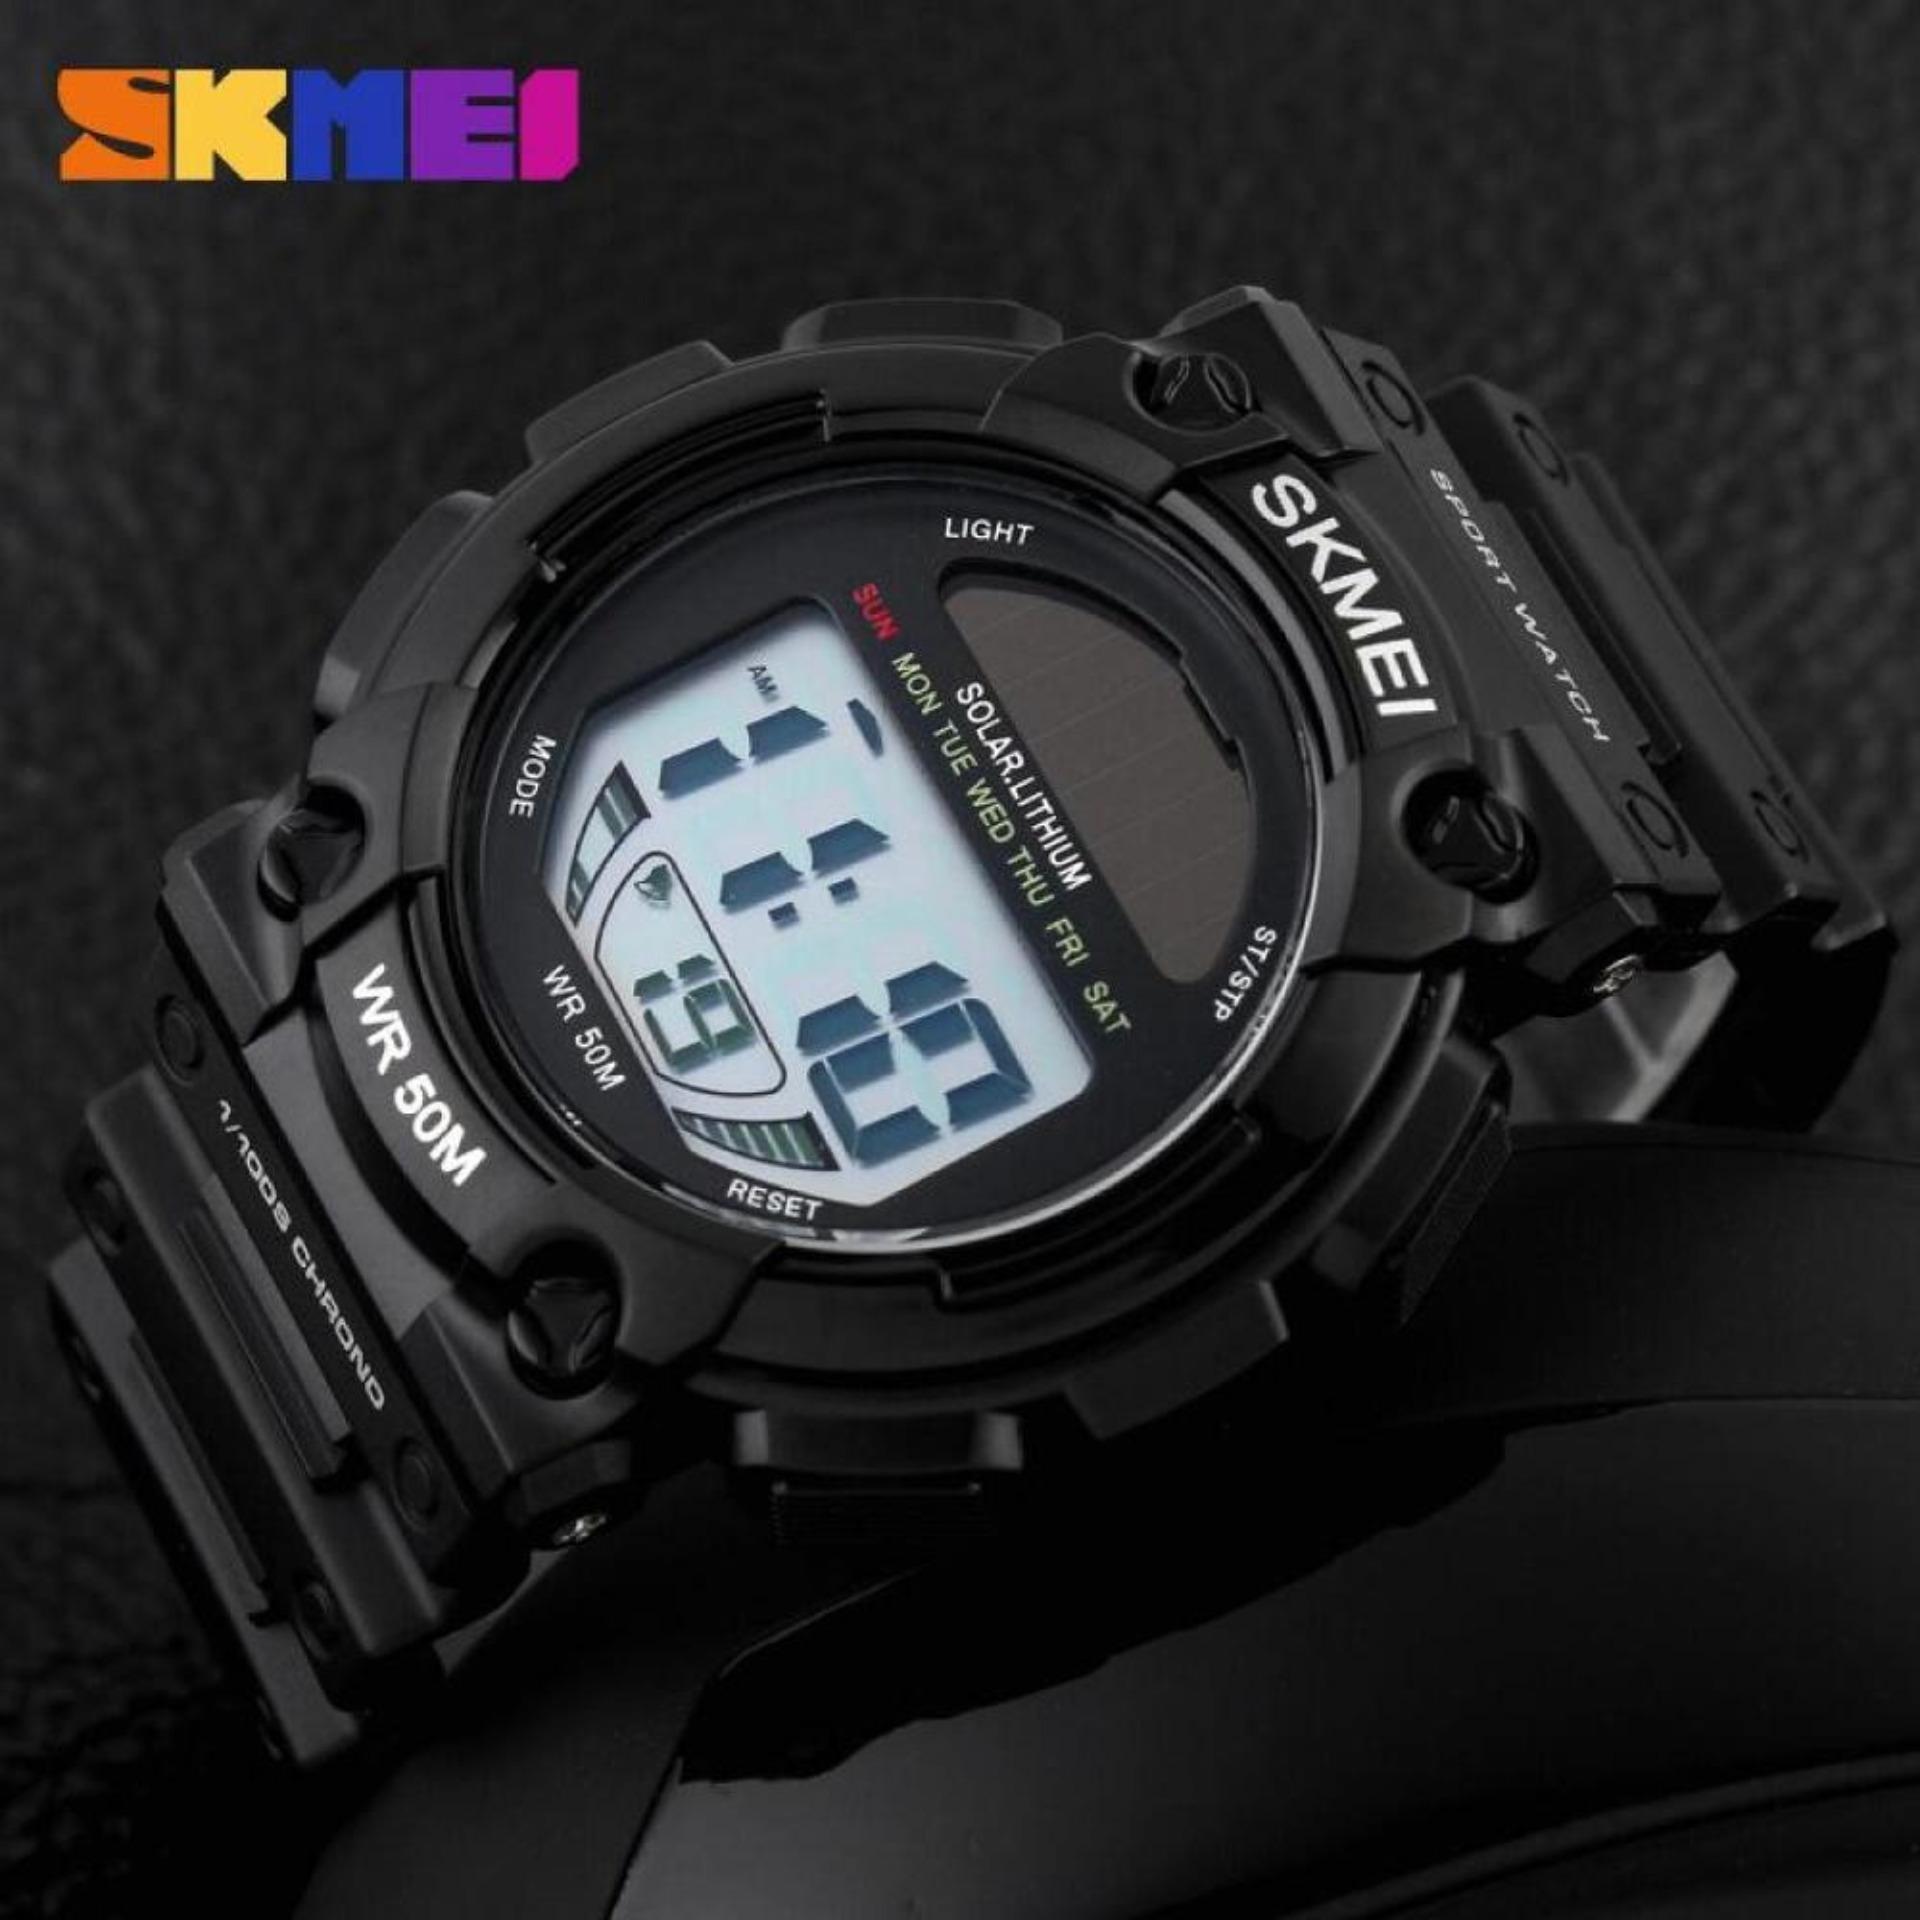 Skmei Casio Men Sport Led Watch Jam Tangan Water Resistant 50m Pria Ad1109 Dg1126 Hot